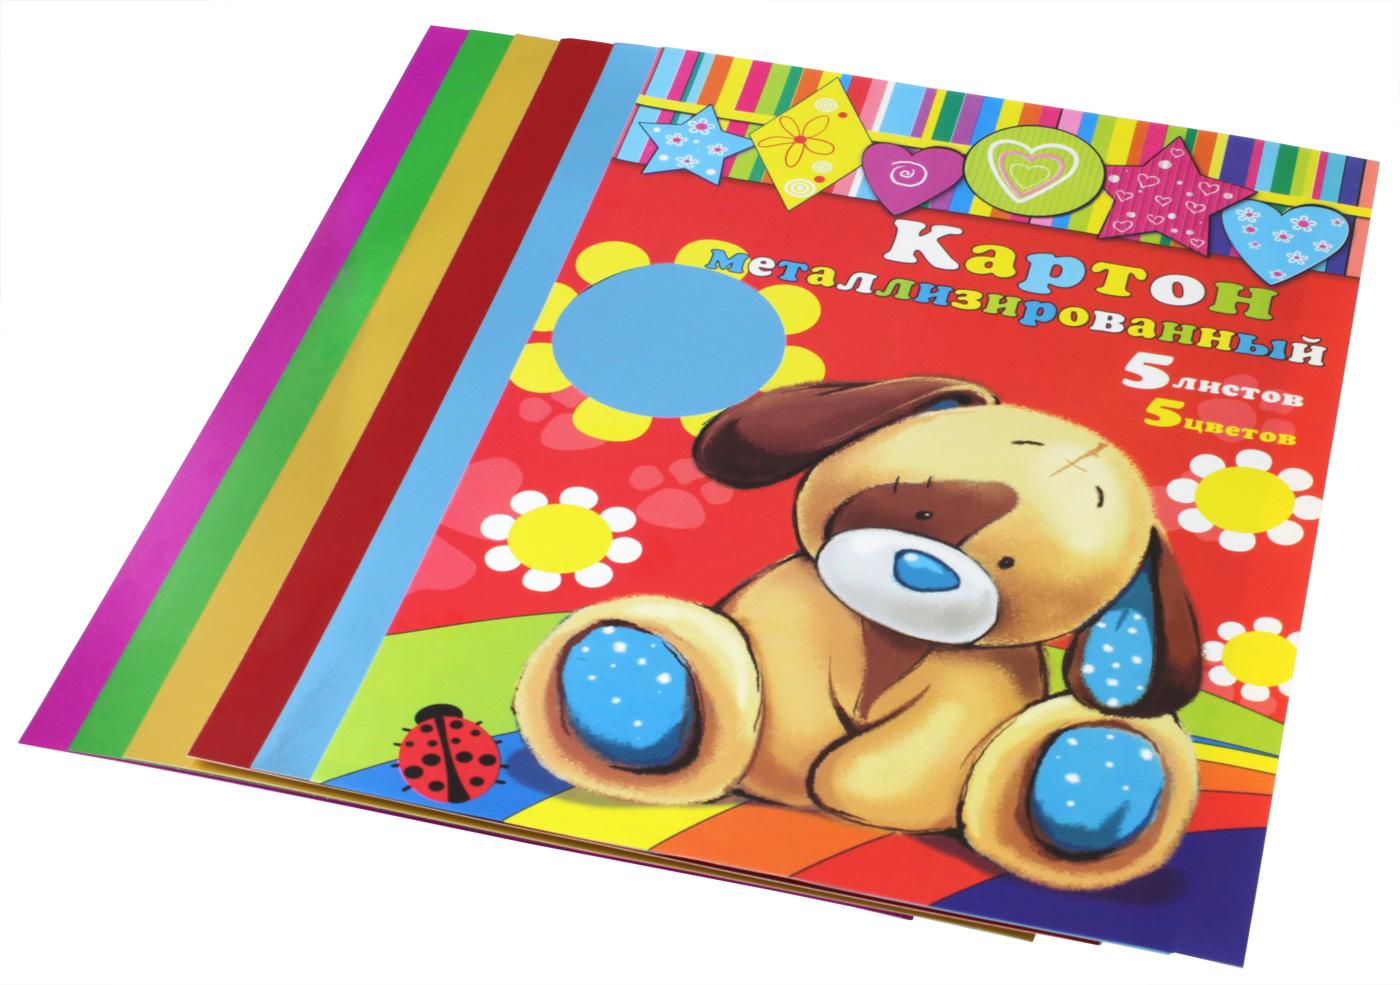 Феникс+ Металлизированный цветной картон 5 листов24399Набор металлизированного цветного картона Феникс+ позволит создавать всевозможные аппликации и поделки. Набор включает 5 листов одностороннего картона формата А4 с покрытием из полипропиленовой пленки. Цвета в наборе: малиновый, красный, золотой, зеленый, синий. Такой картон может использоваться для упаковки, поделок, декорирования и других видов творчества.